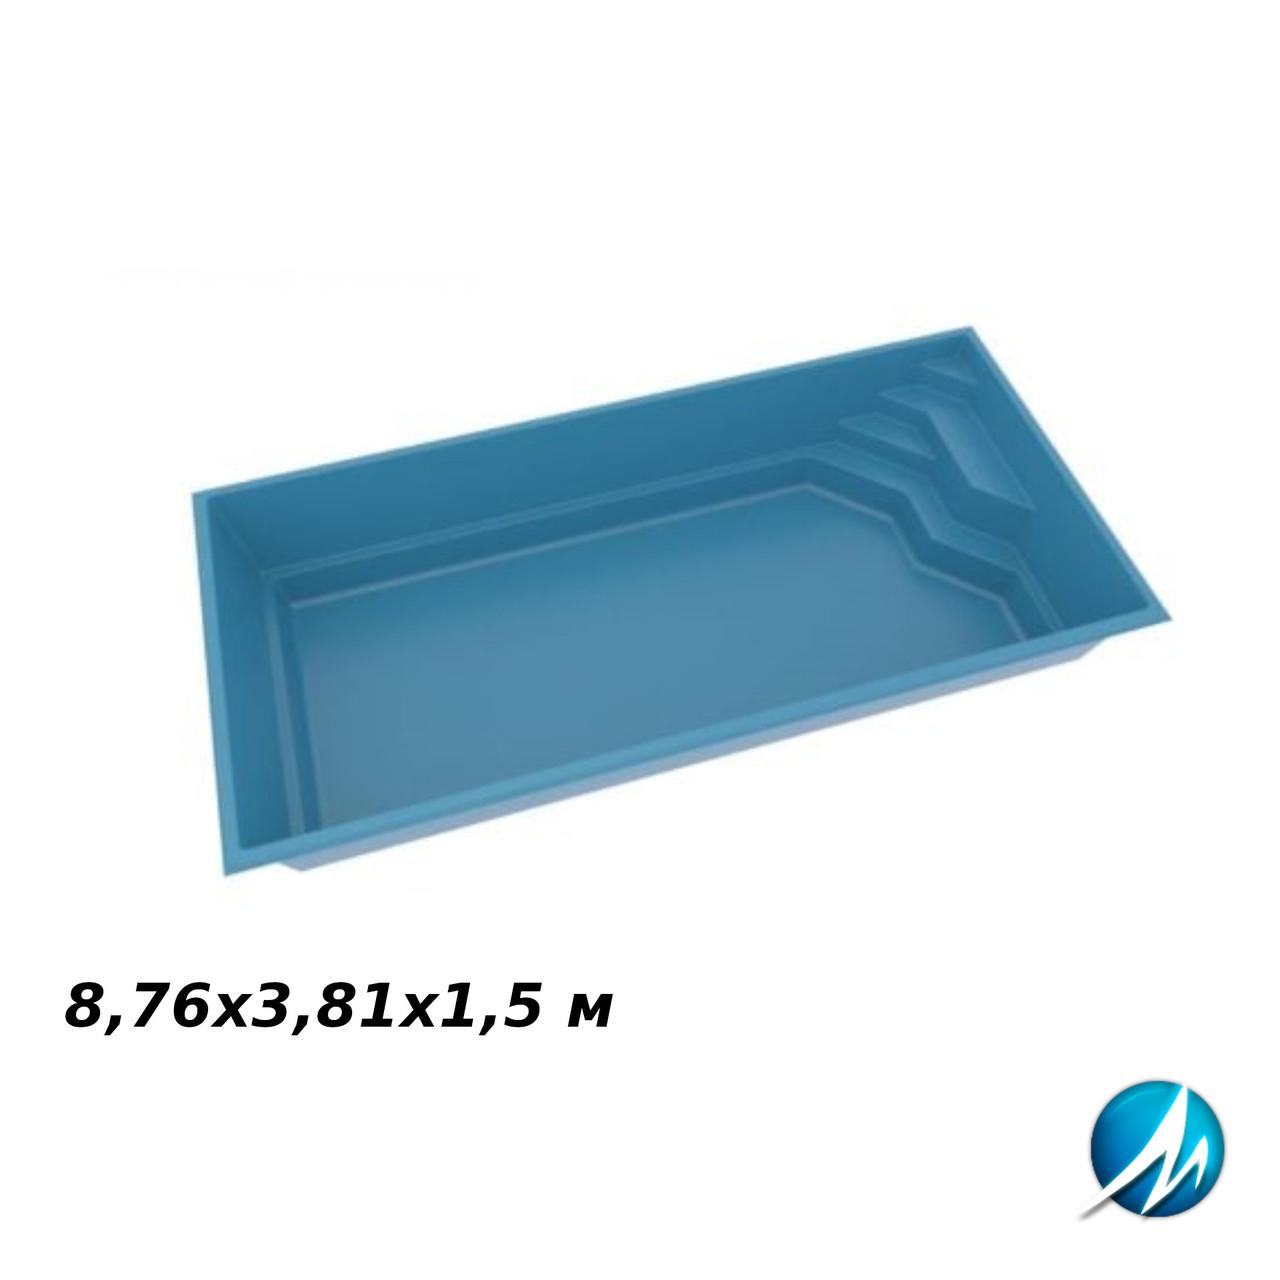 Скловолоконна чаша XL-BRILIANT 88, 8,76х3,81х1,5 м